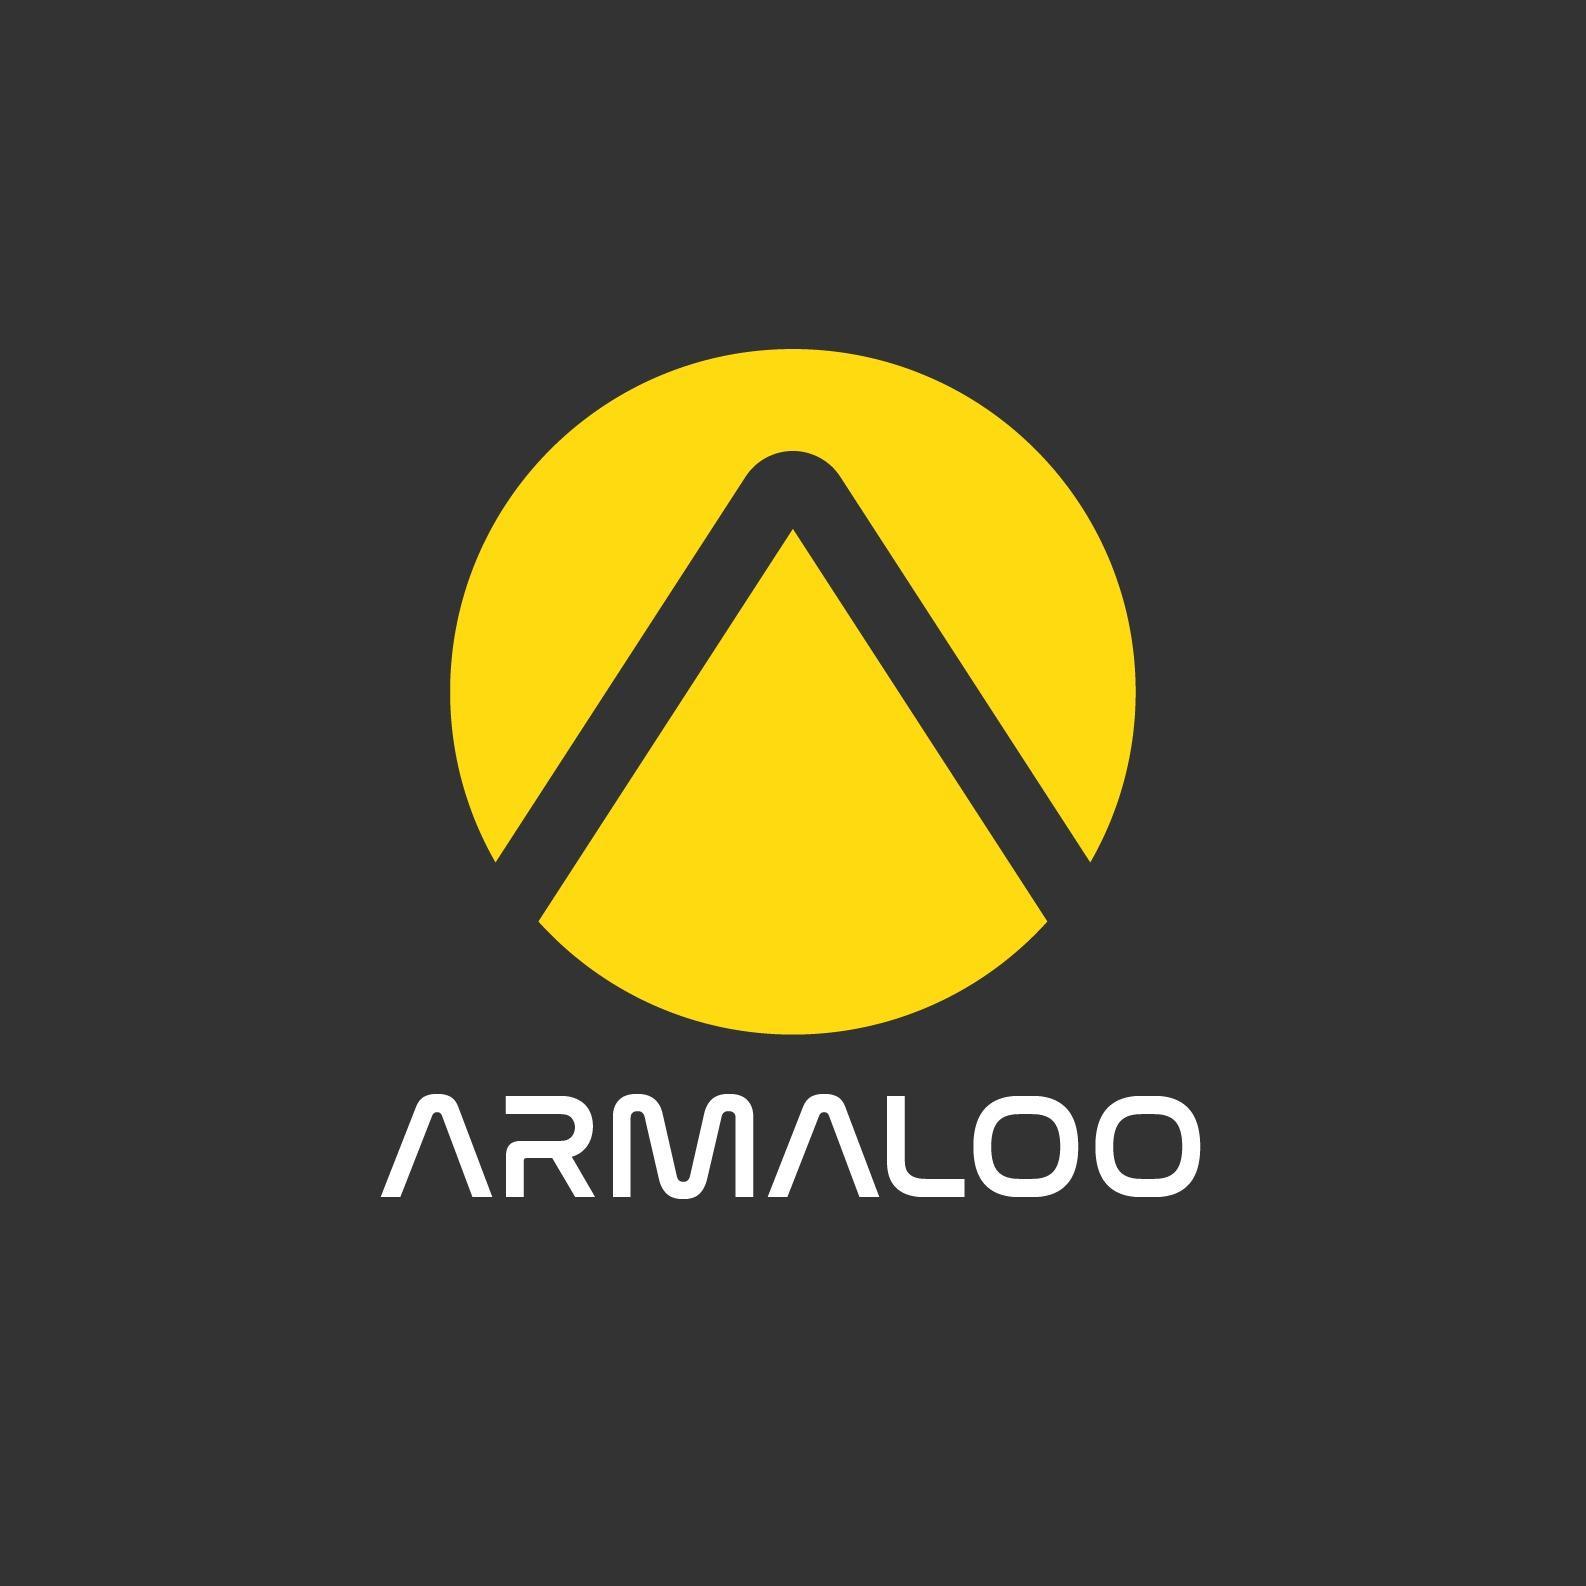 Armaloo